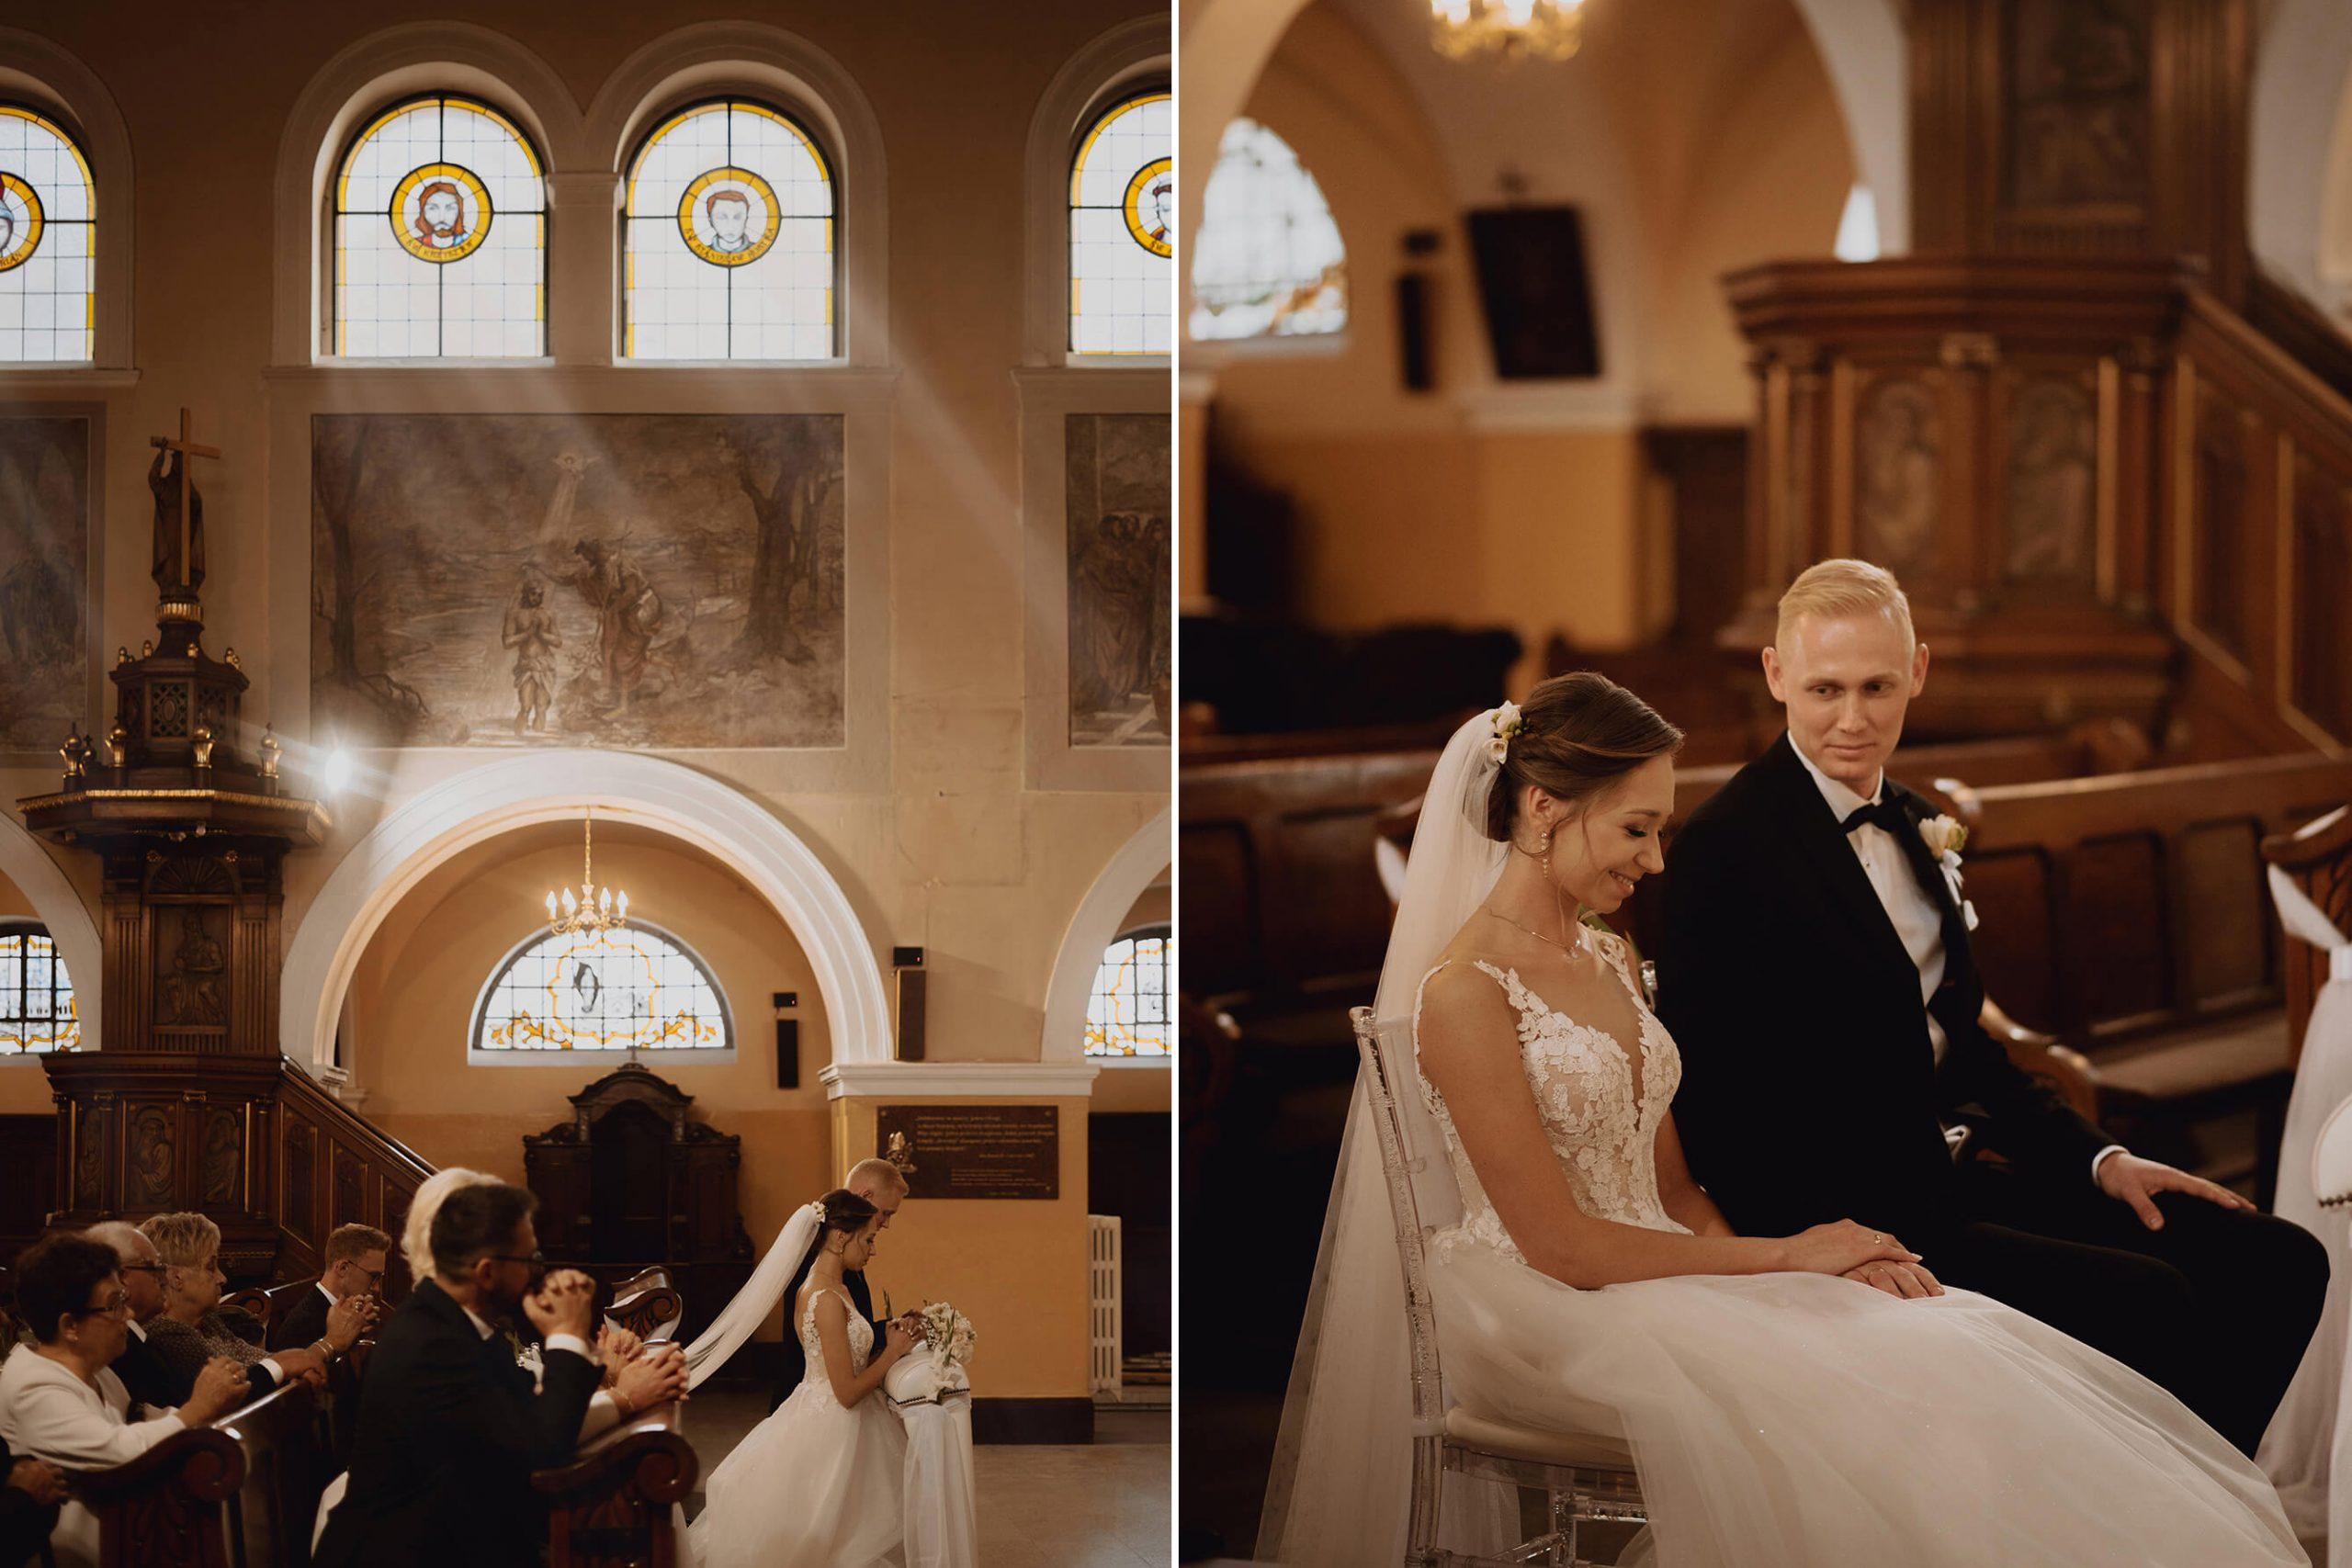 Slub wesele w dworze Hulanka00071 2 scaled - Ola + Maciej | wesele w Dworze Hulanka